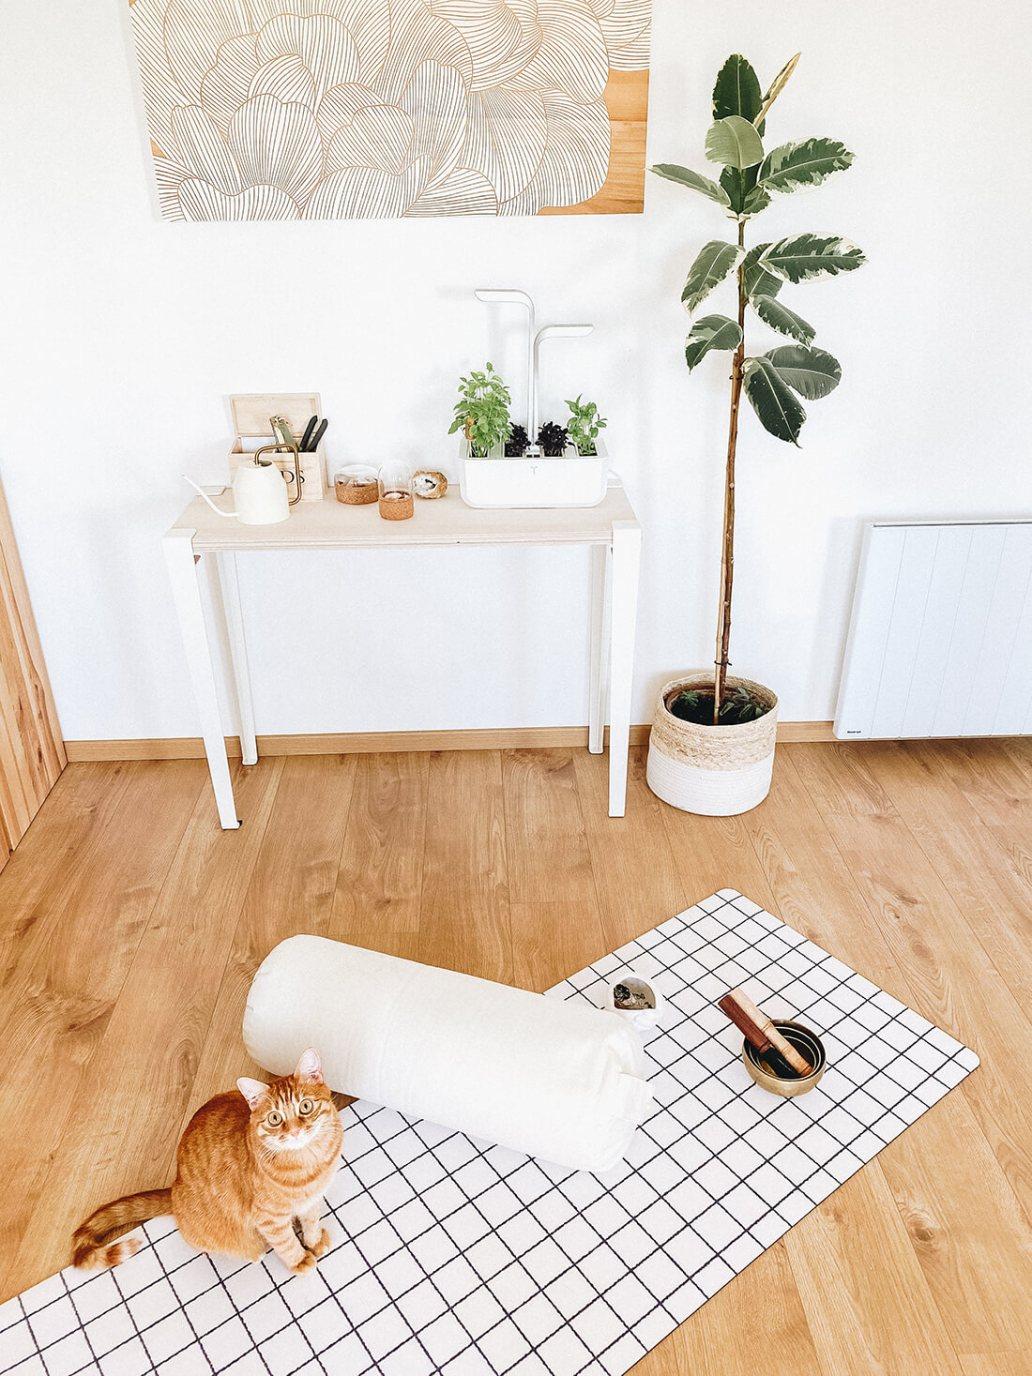 marmille home 2021 5 - Visite privée : découvrez l'appartement Hygge de Marmille